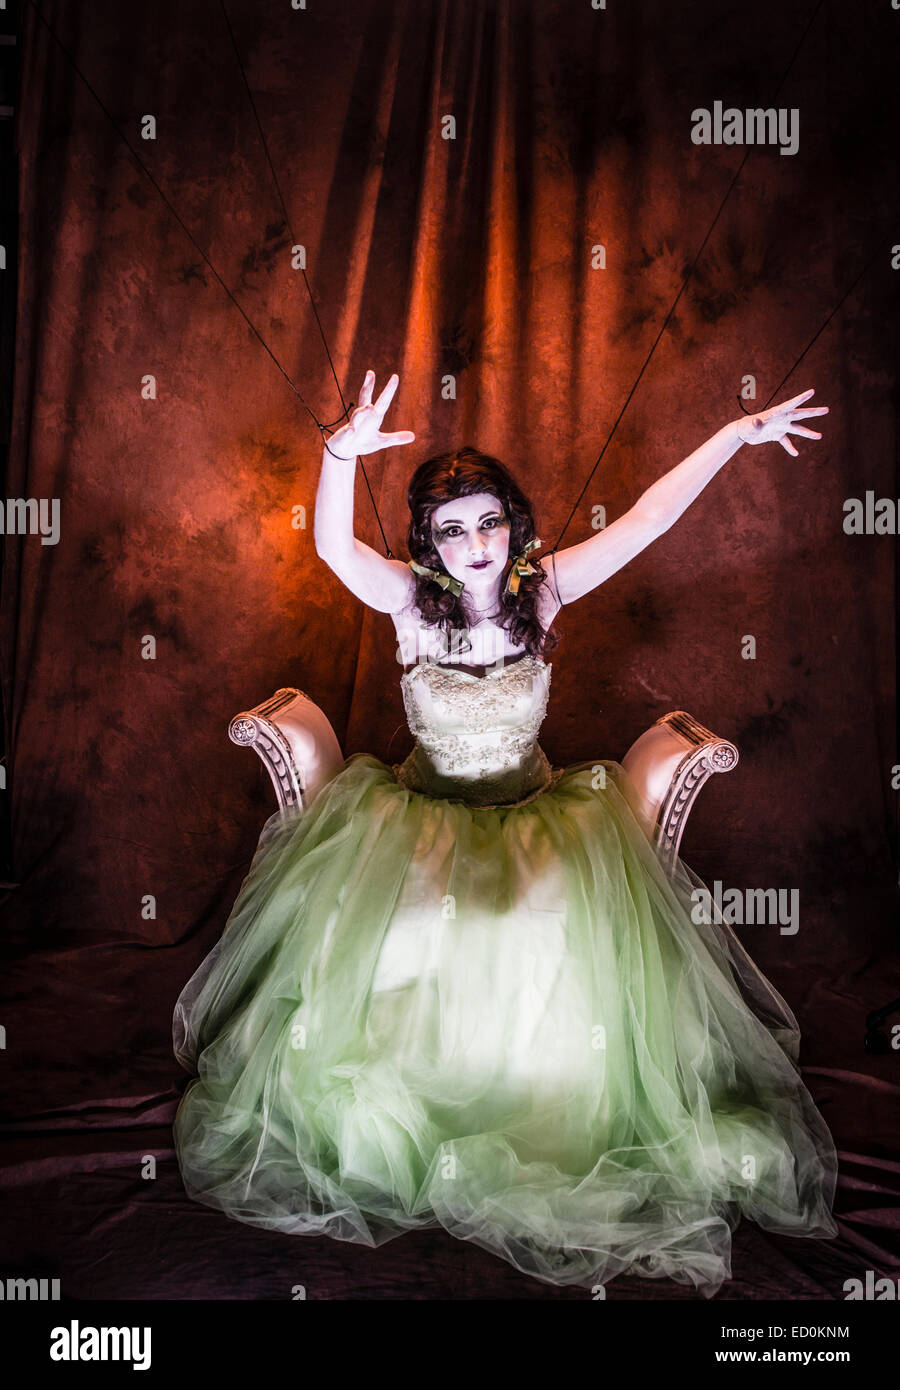 Fantasy makeover photographie: une jeune femme fille modèle fabriqué jusqu'à ressembler à une porcelaine peinte Banque D'Images